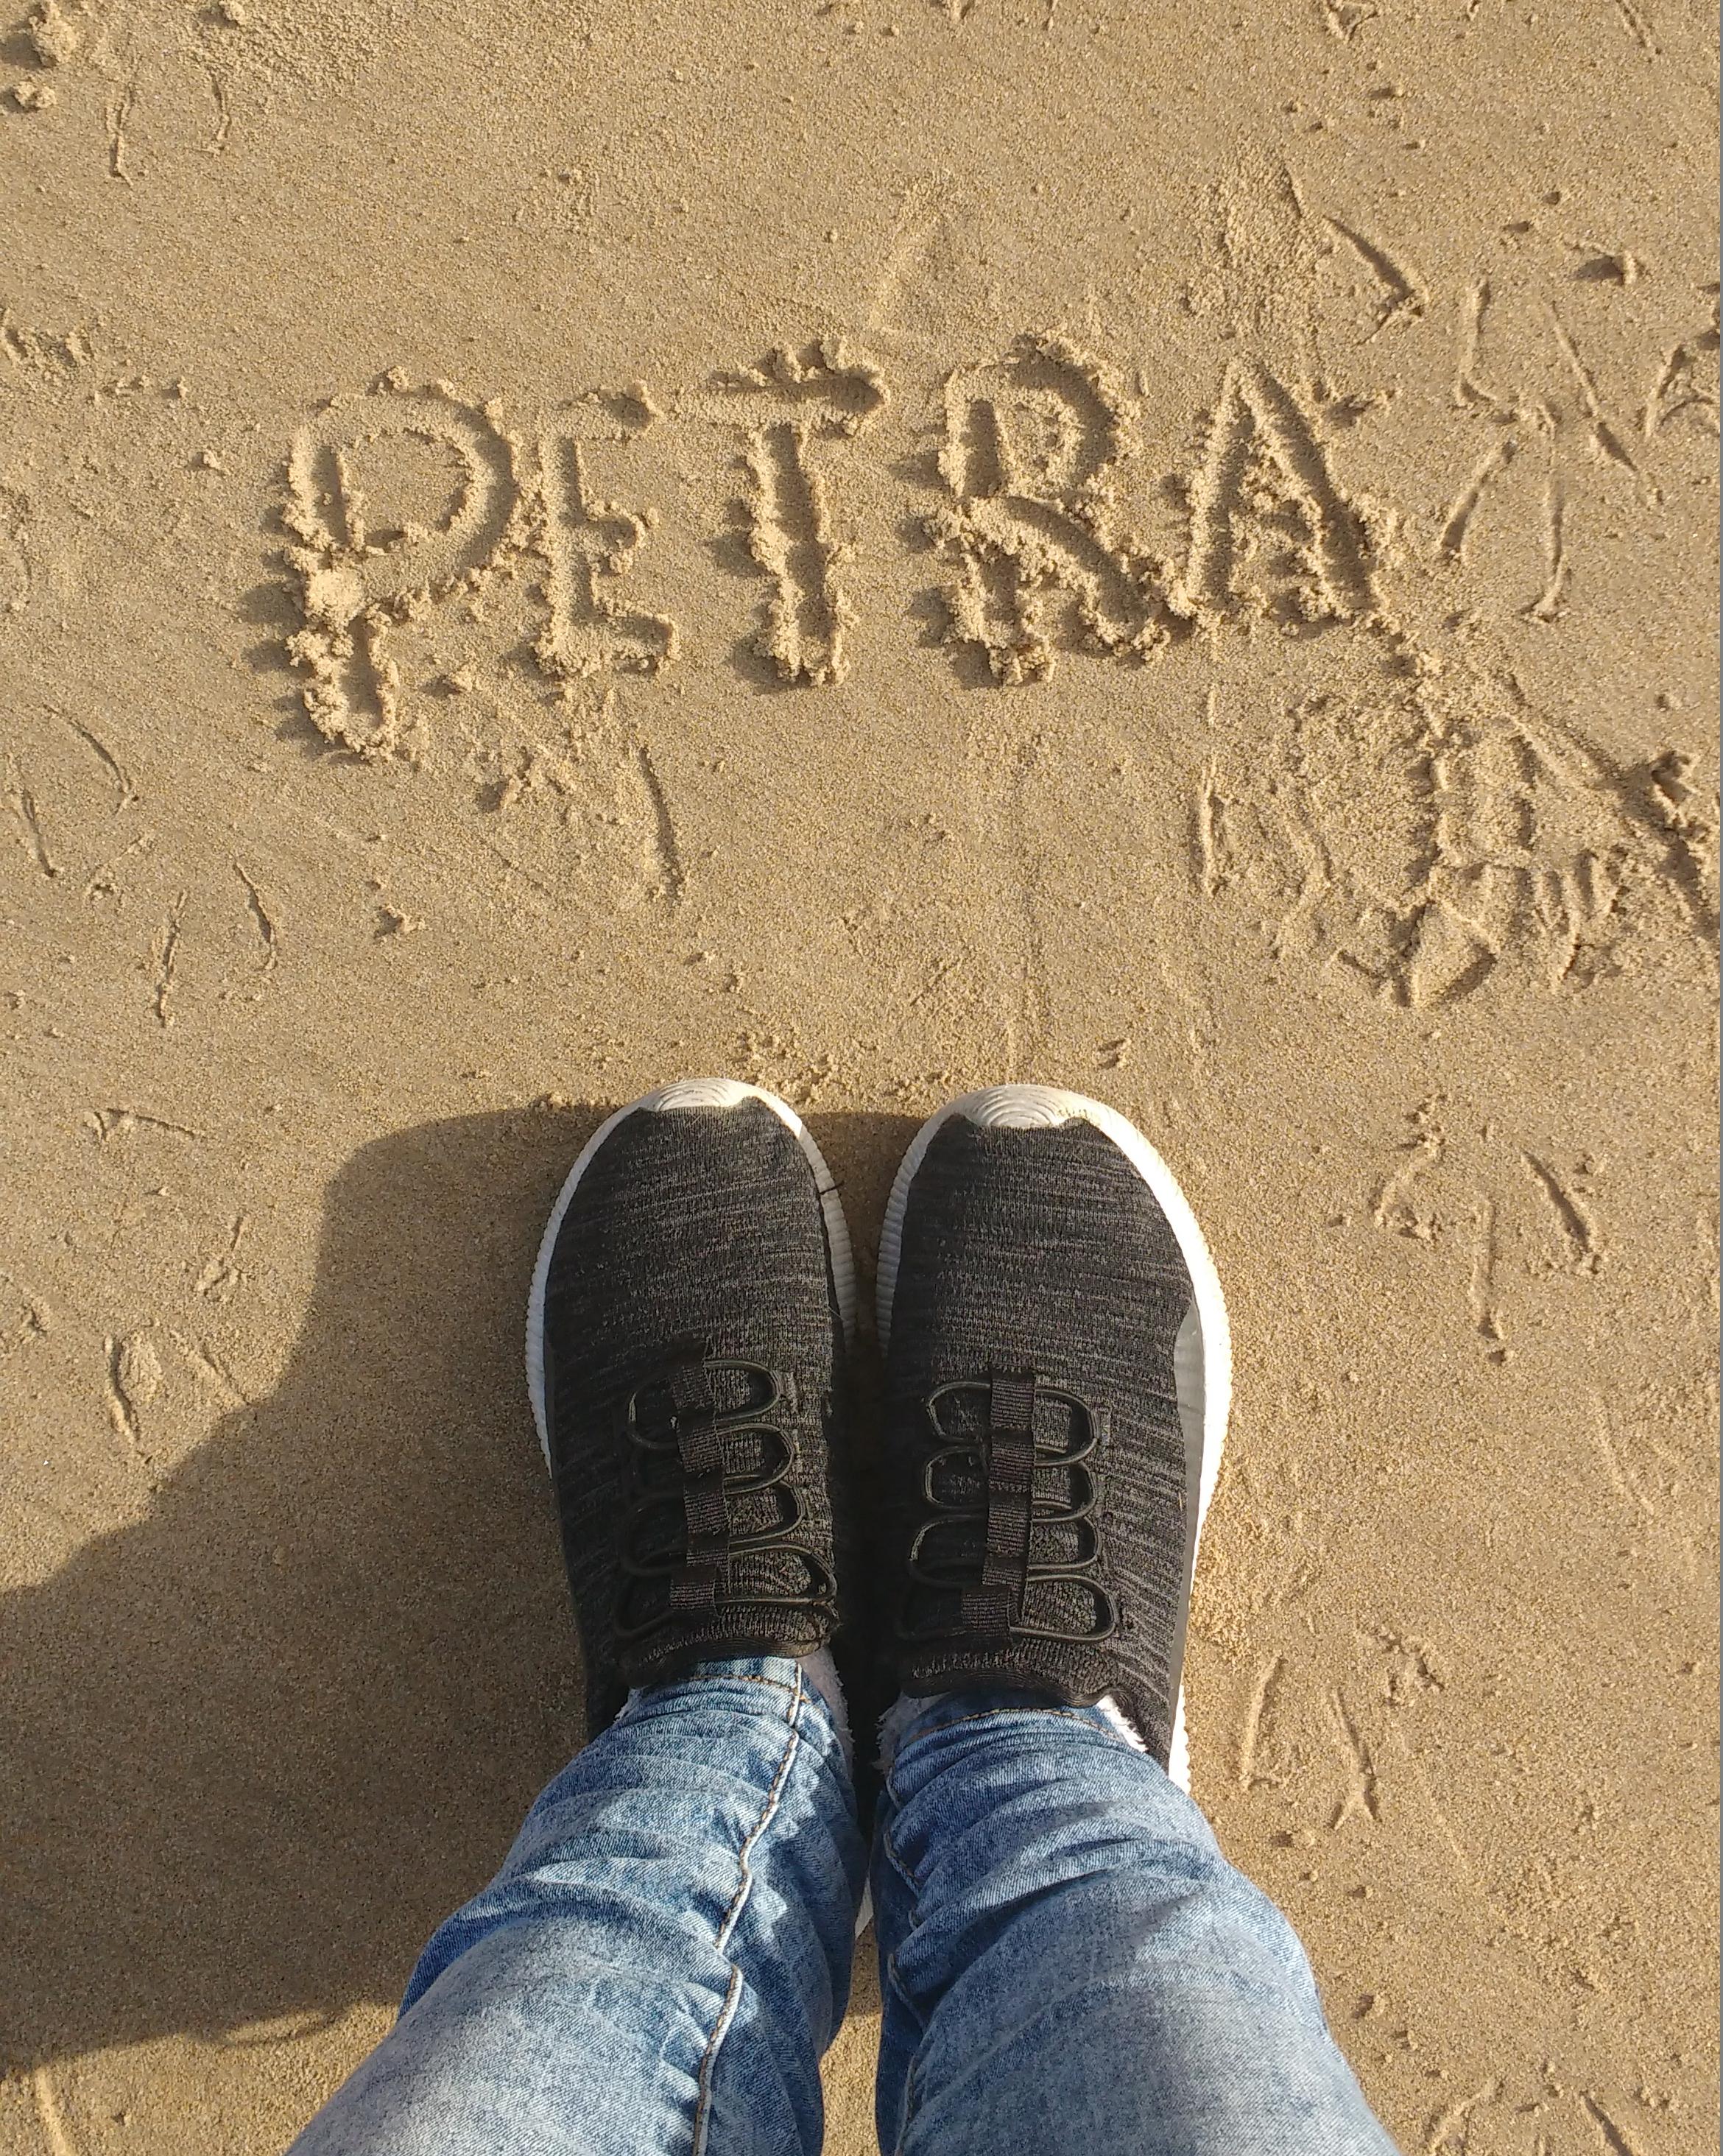 Aparece el nombre de PETRA dibujado en la arena de la playa en mayúsculas. Se ven unas zapatillas negras justo debajo y parte de unos vaqueros. Esta foto la sacó Sonia en Asturias hace casi dos años.